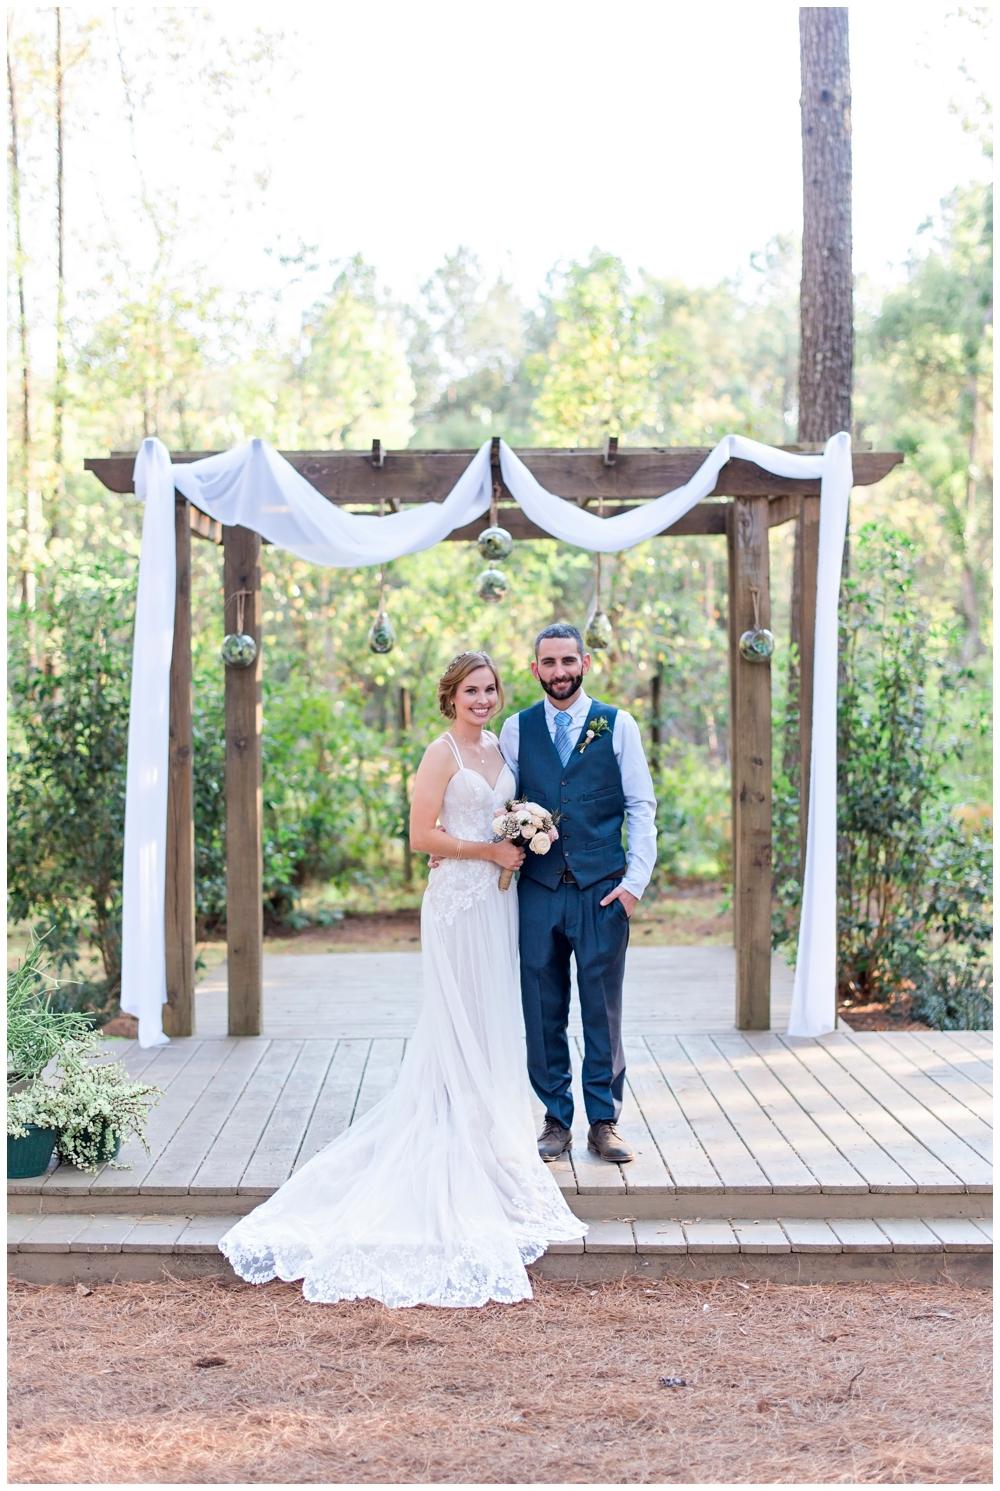 Jacksonville_Wedding_Venue_The_Glen_1324.jpg